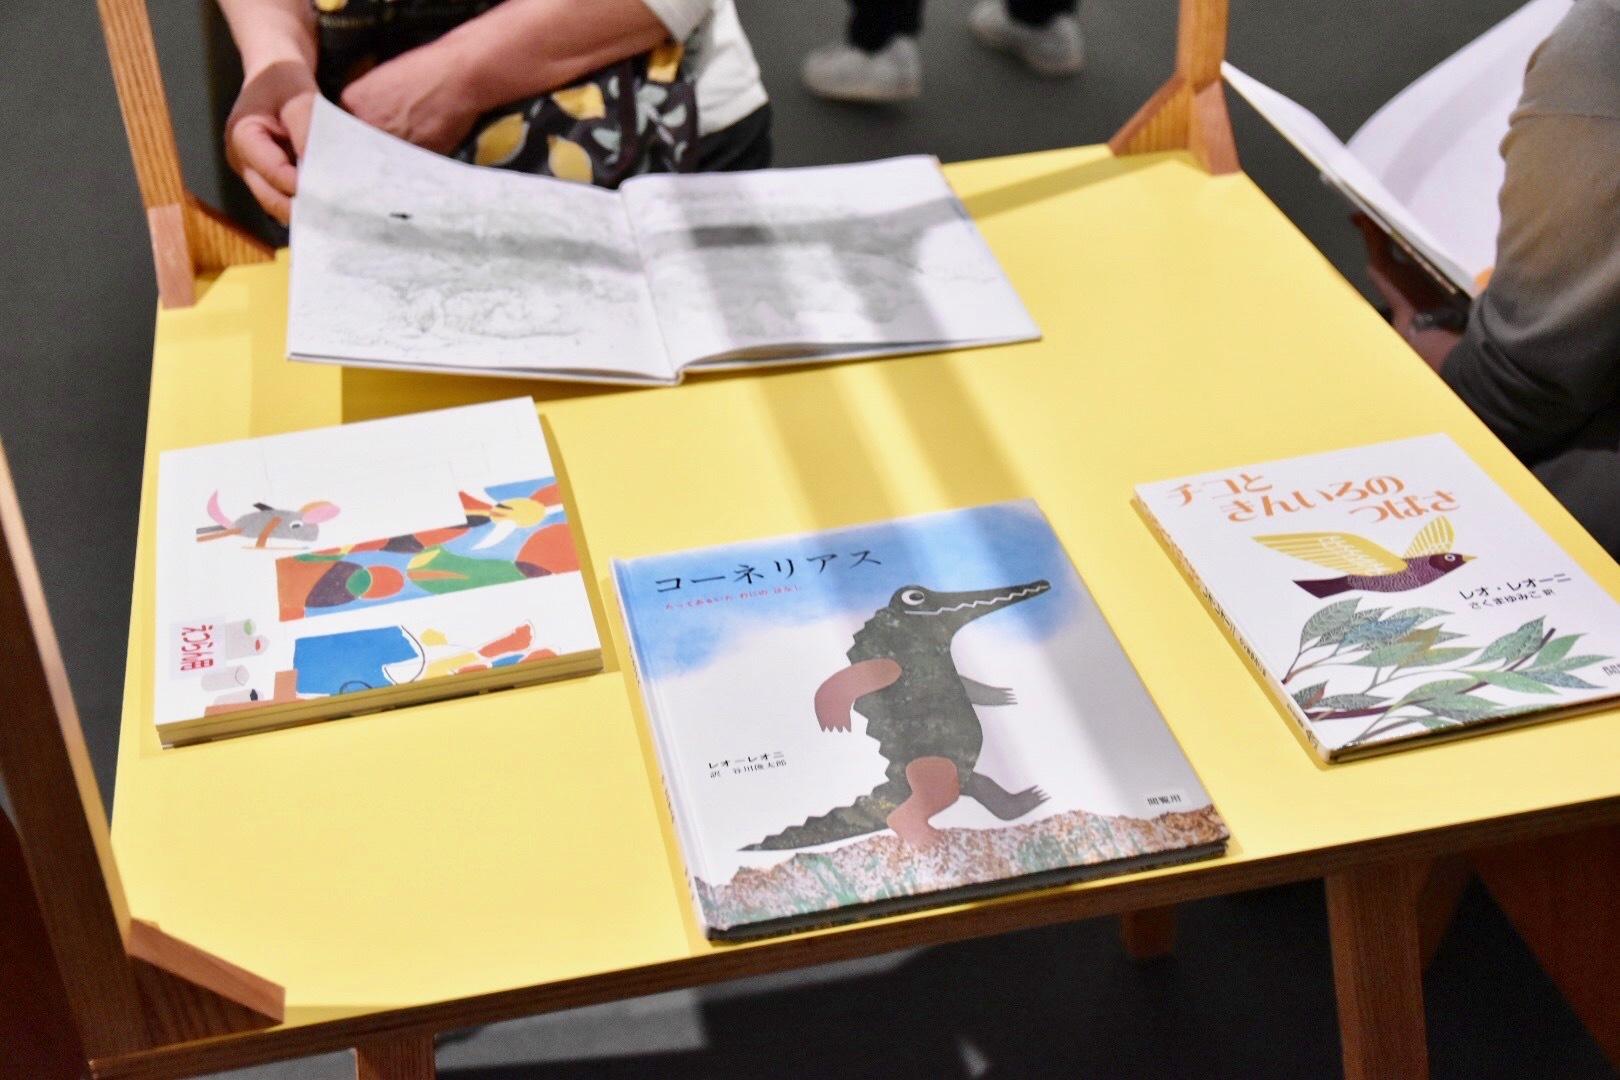 原画と見比べながら絵本が読める読書スペース